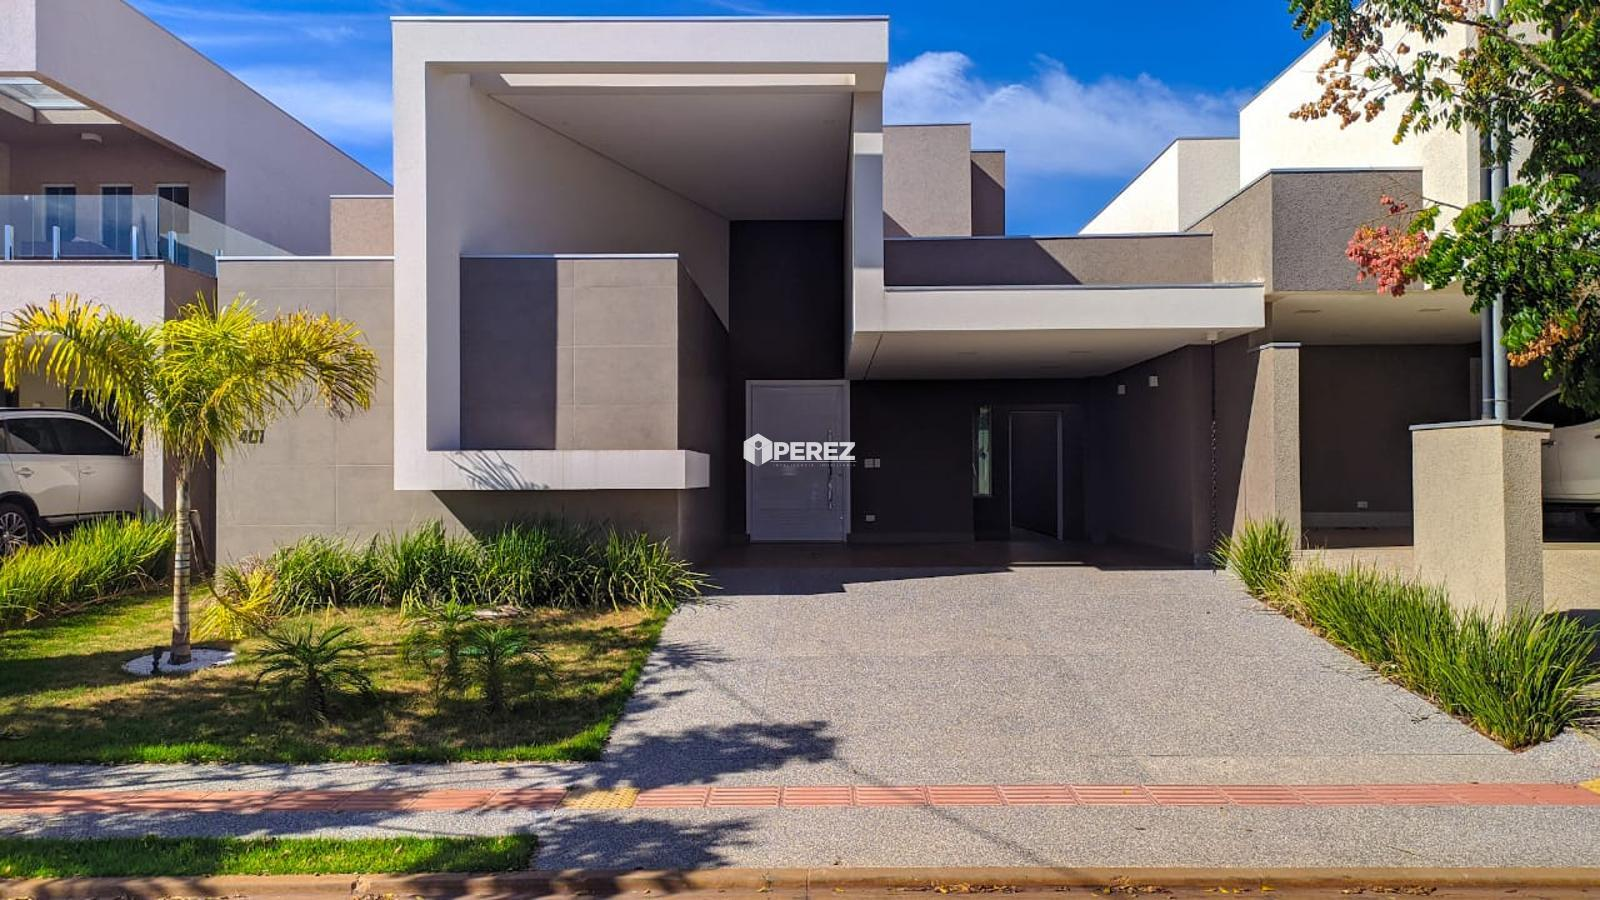 venda-campo-grande-ms-casa-de-condominio-acanto-grego-residencial-damha-iii-perez-imoveis